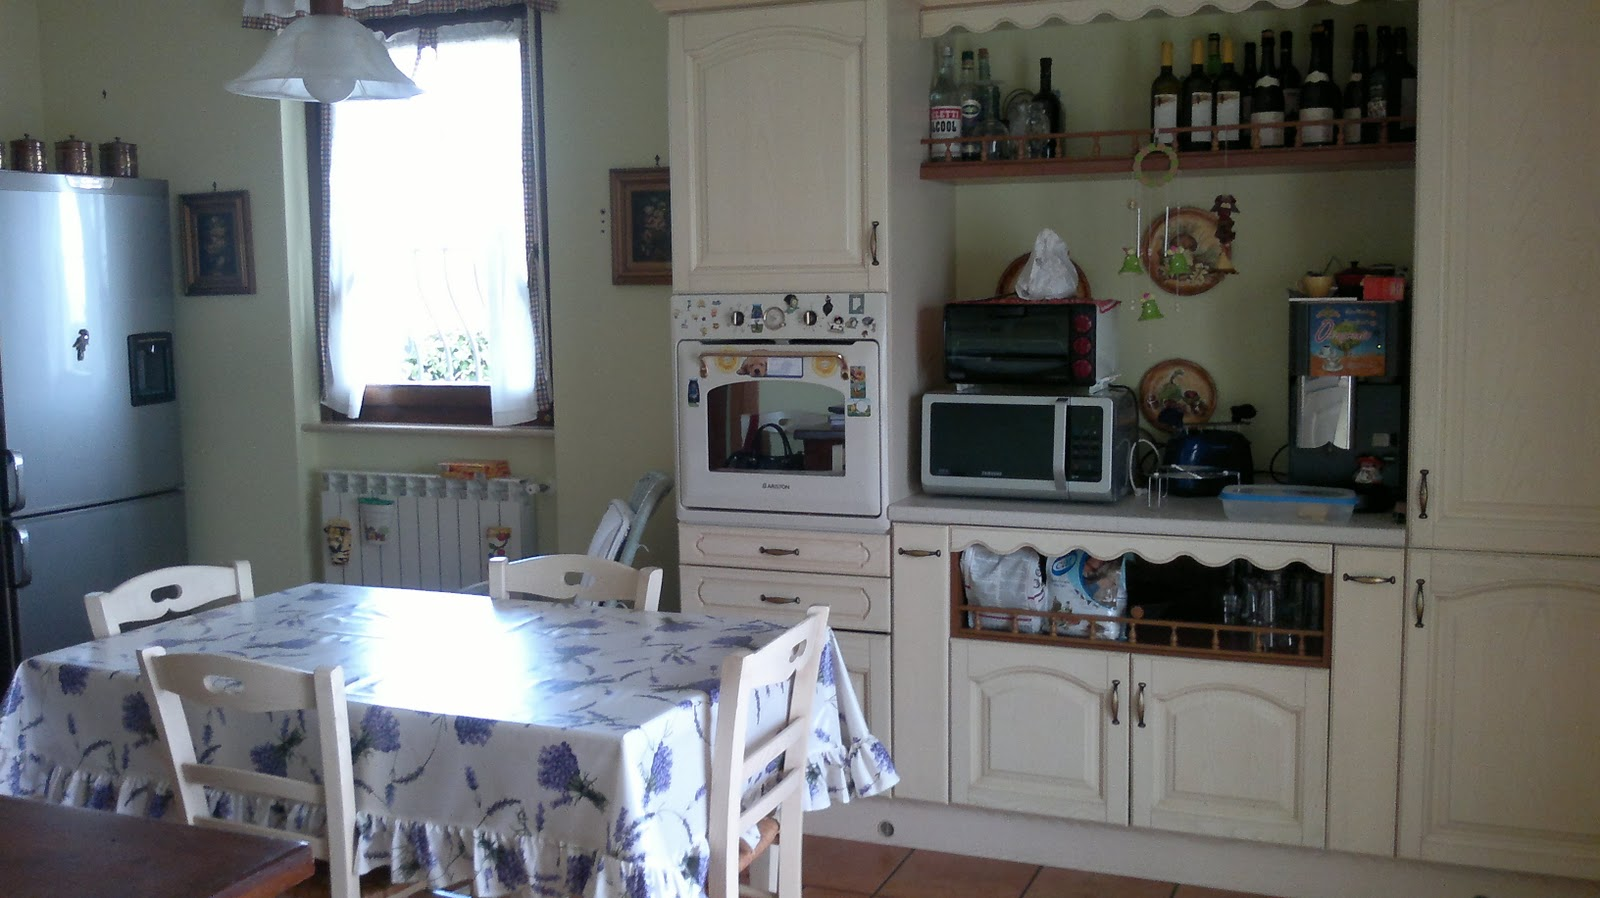 Amaranta la mia cucina for Mantovane per tende da cucina